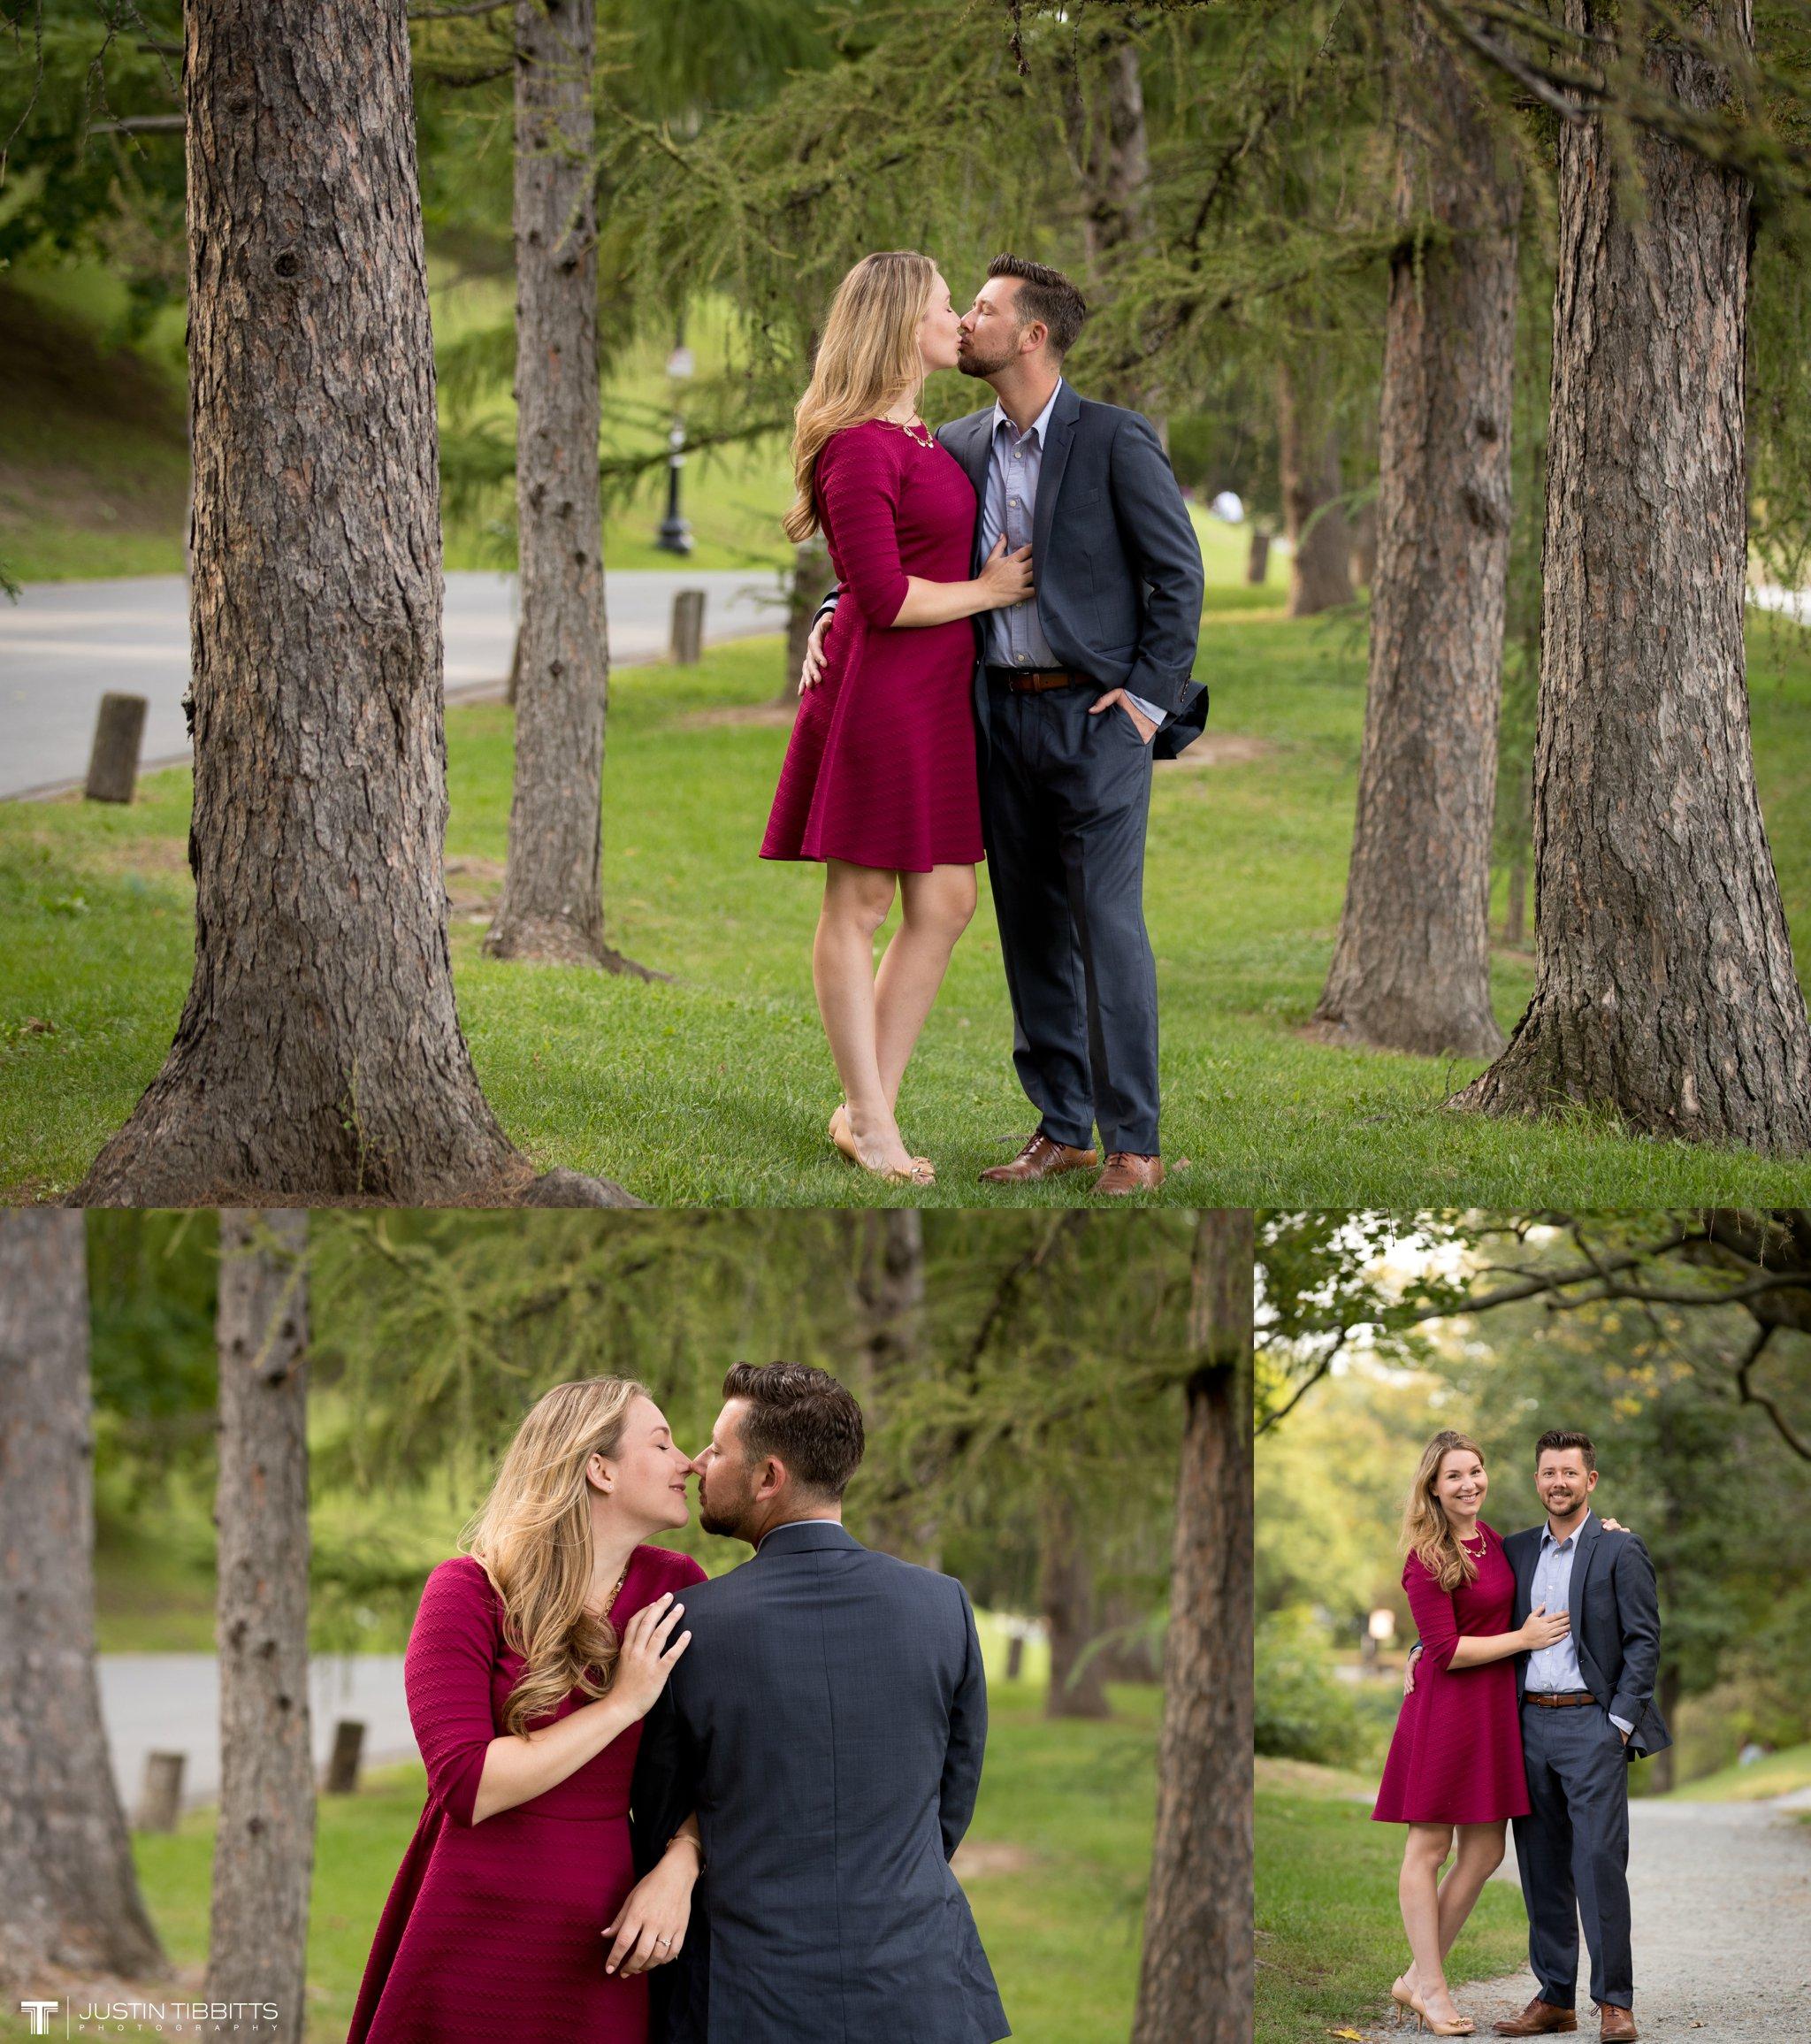 washington-park-albany-ny-engagement-photos-with-andrea-and-dan_0012